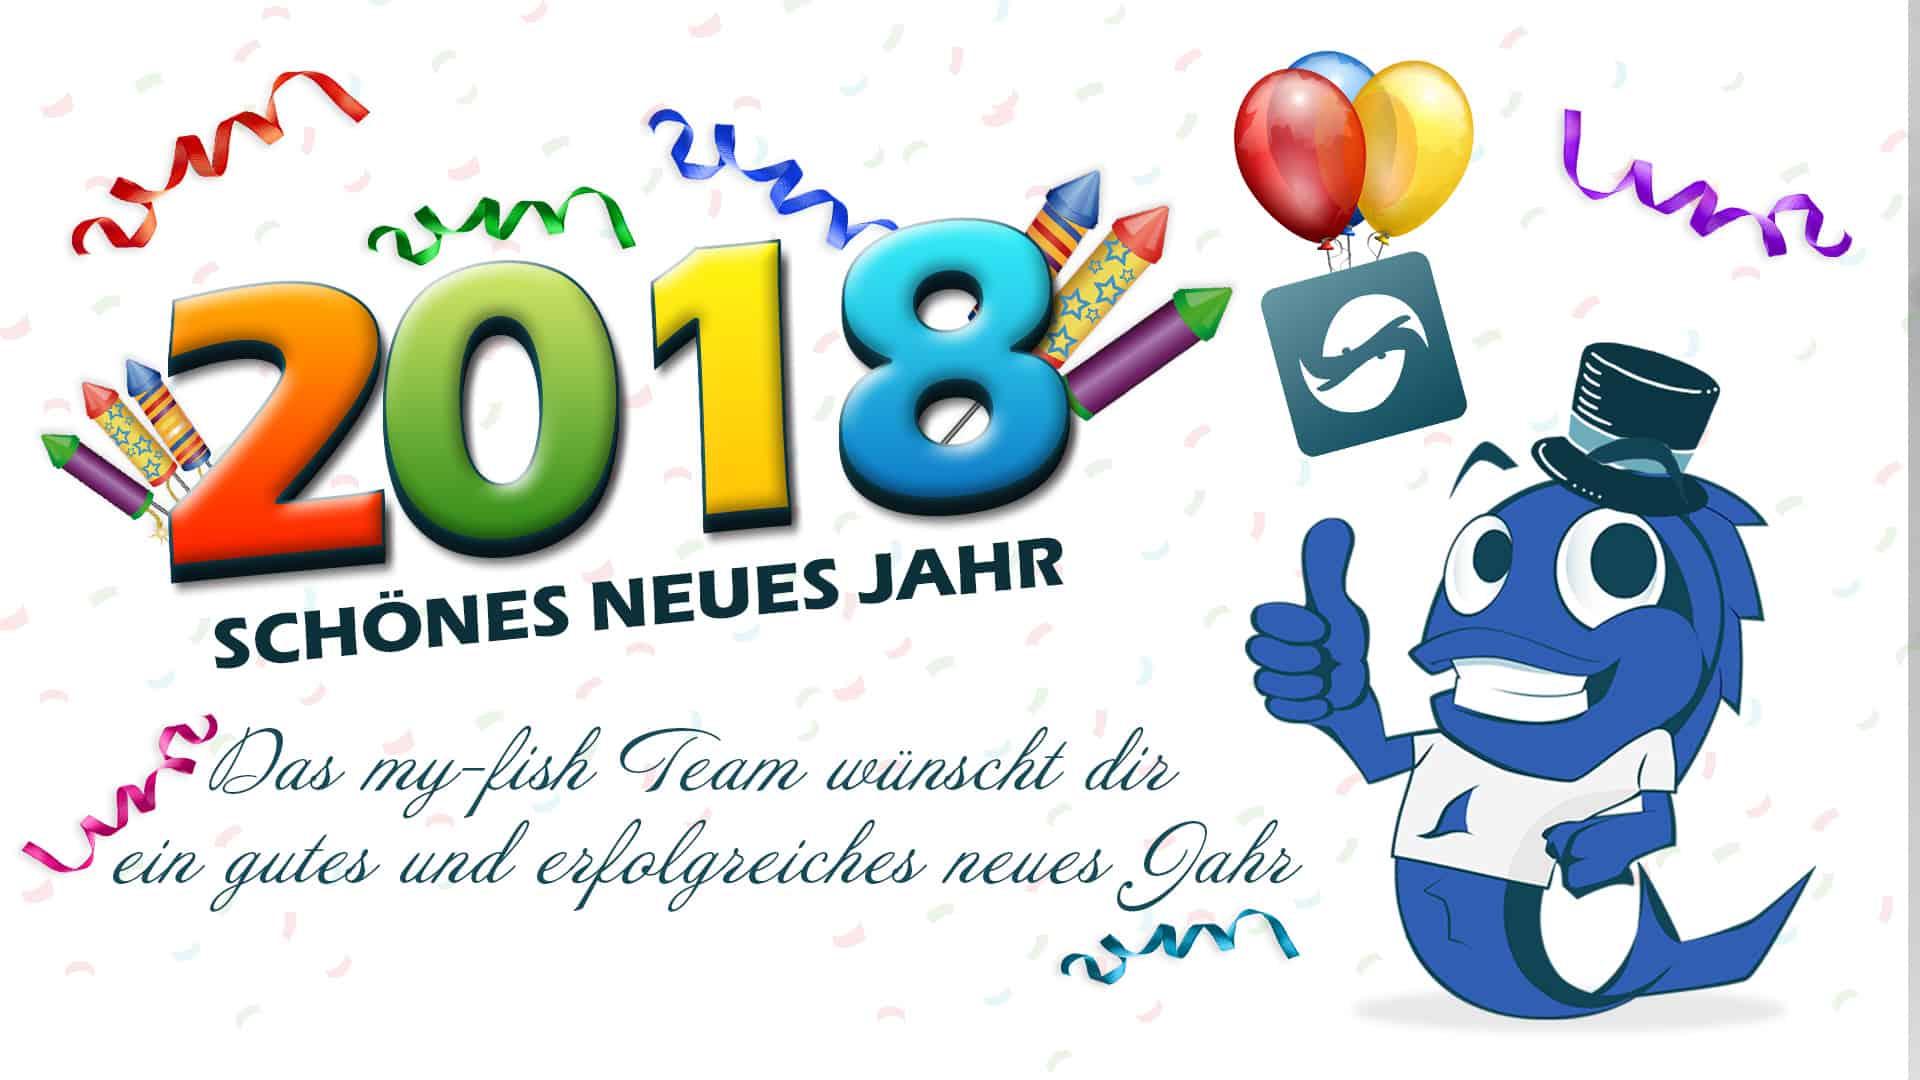 my-fish wünscht dir ein schönes neues Jahr 2018 - my-fish